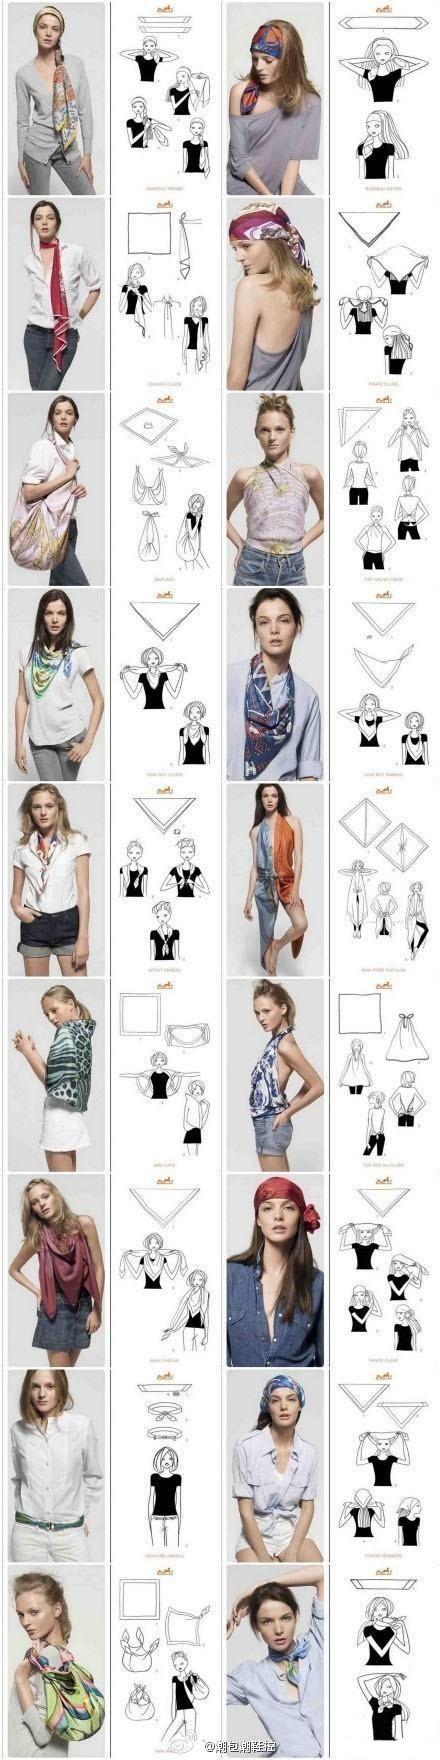 00c0d12f0825 Découvrez comment porter le foulard de multi façons, astuces pour le nouer  de manières originale chaque jour selon vos envies de mode, homme et femme.